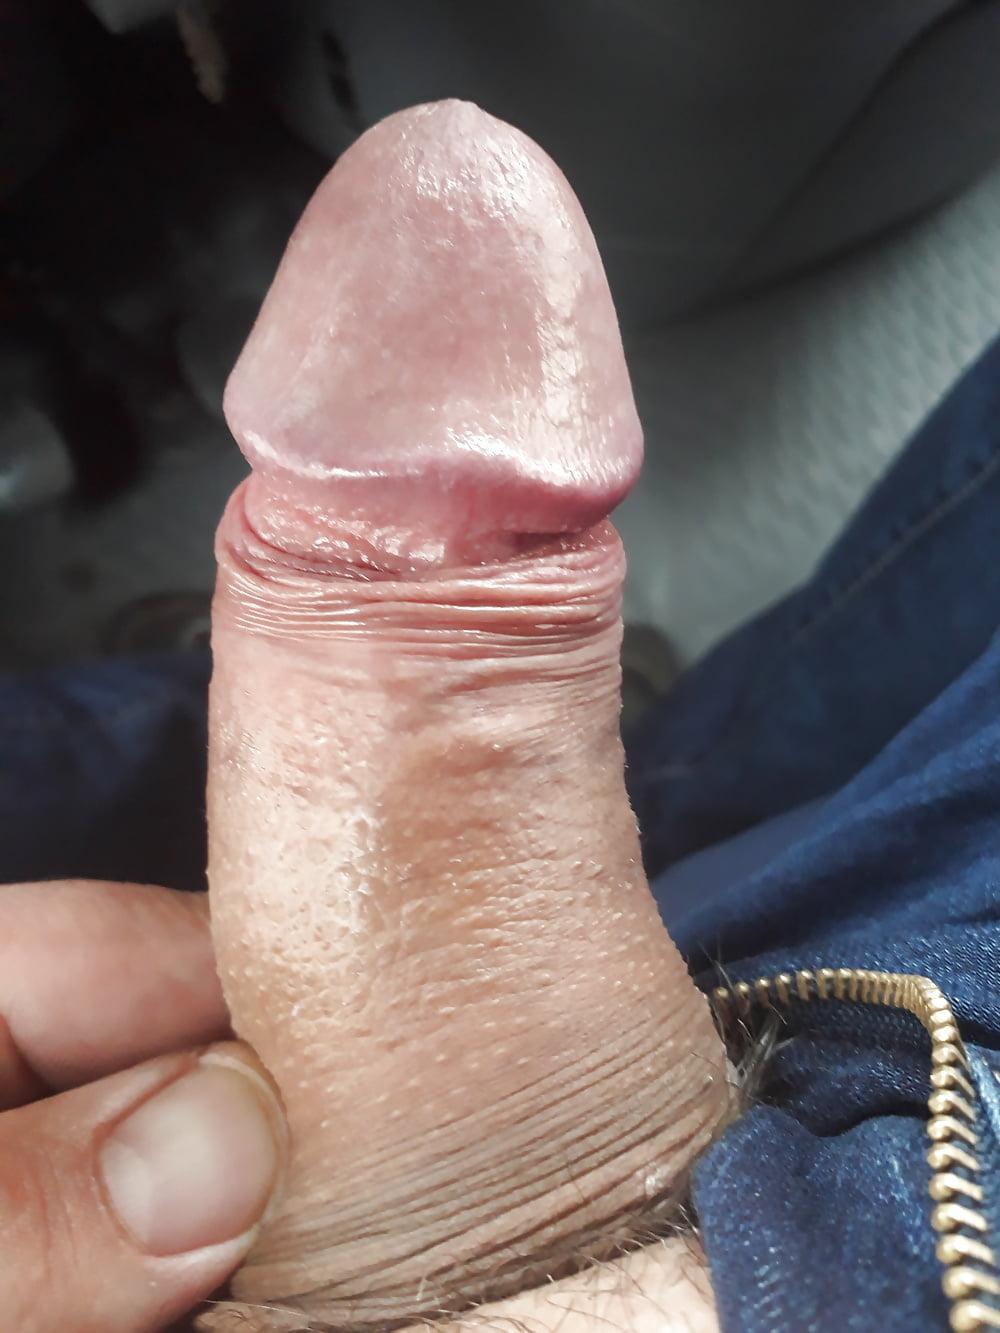 Male public masturbation porn